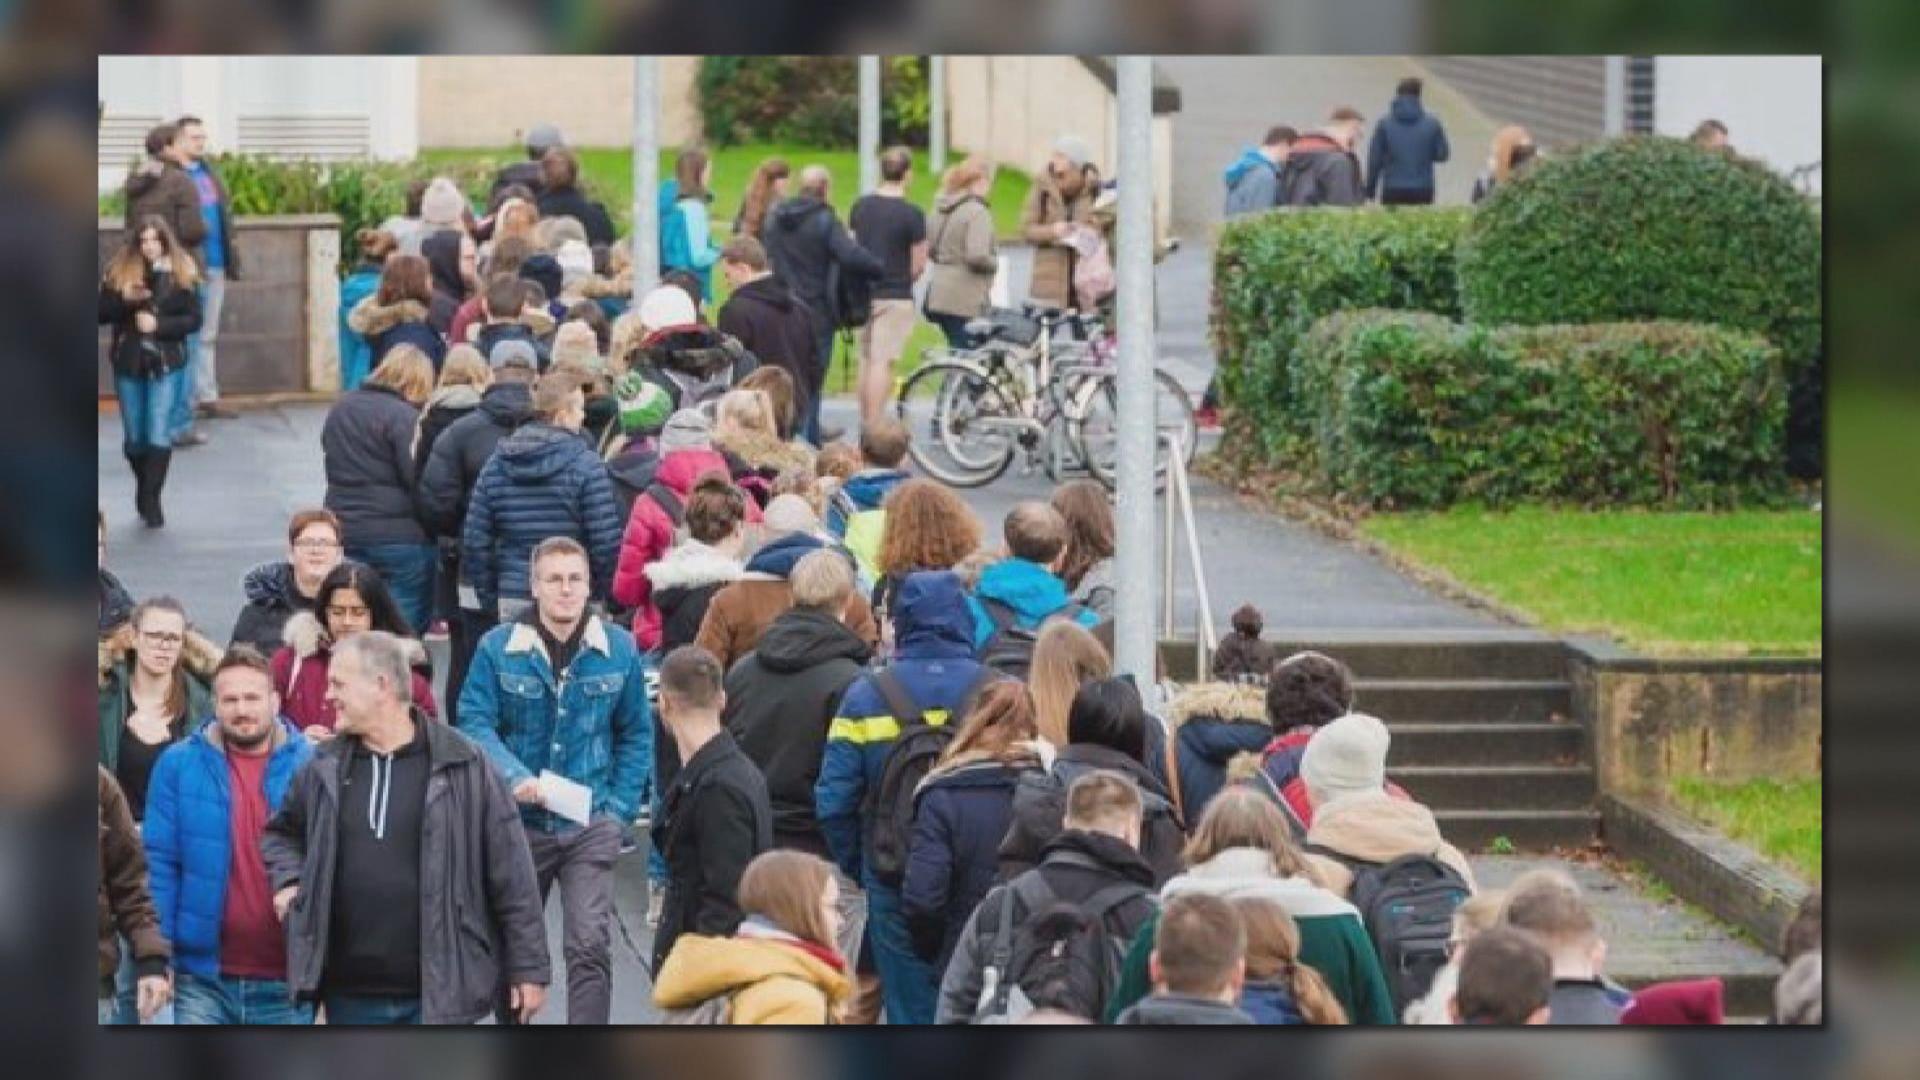 【環球薈報】德國大學遭網絡攻擊逾三萬學生排隊取新密碼